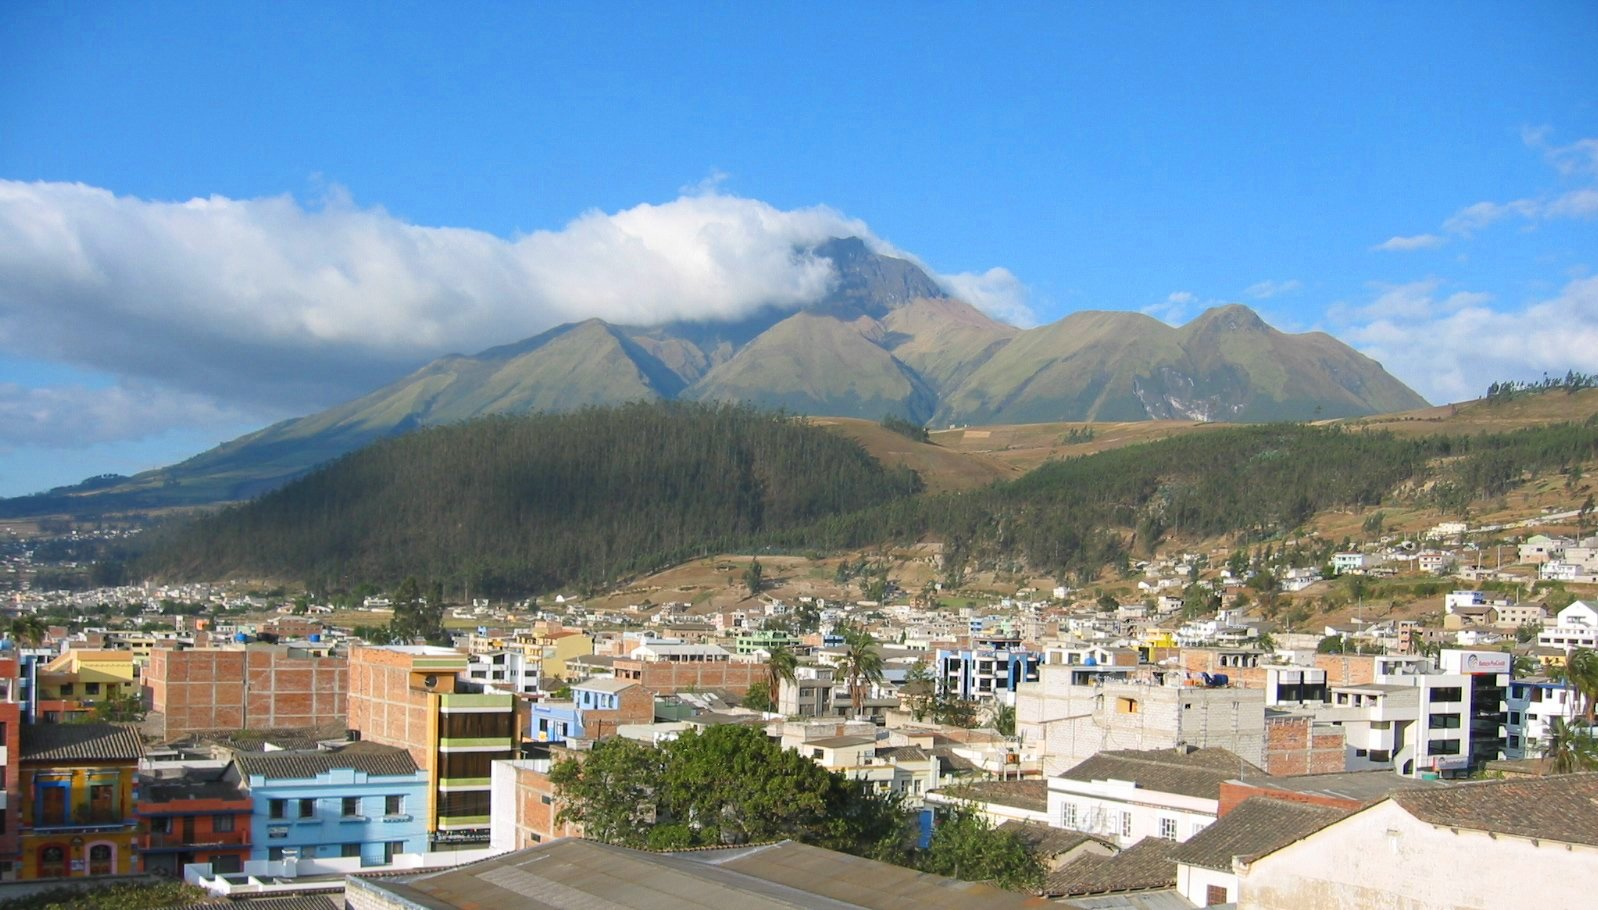 Imbabura Volcano, courtesy of Wikipedia